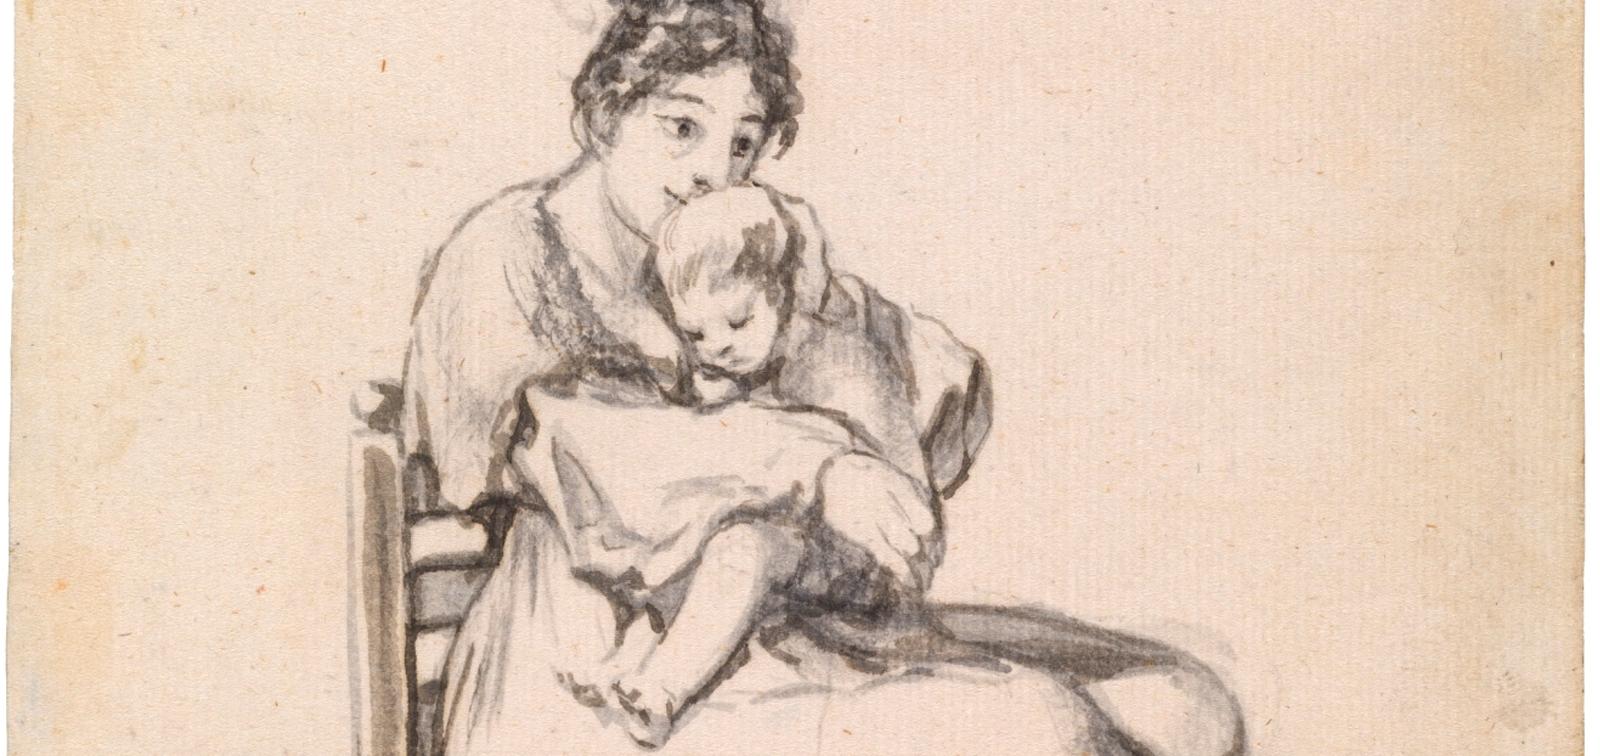 <em>Niños y niñas en la obra de Goya: de la inocencia al horror</em>